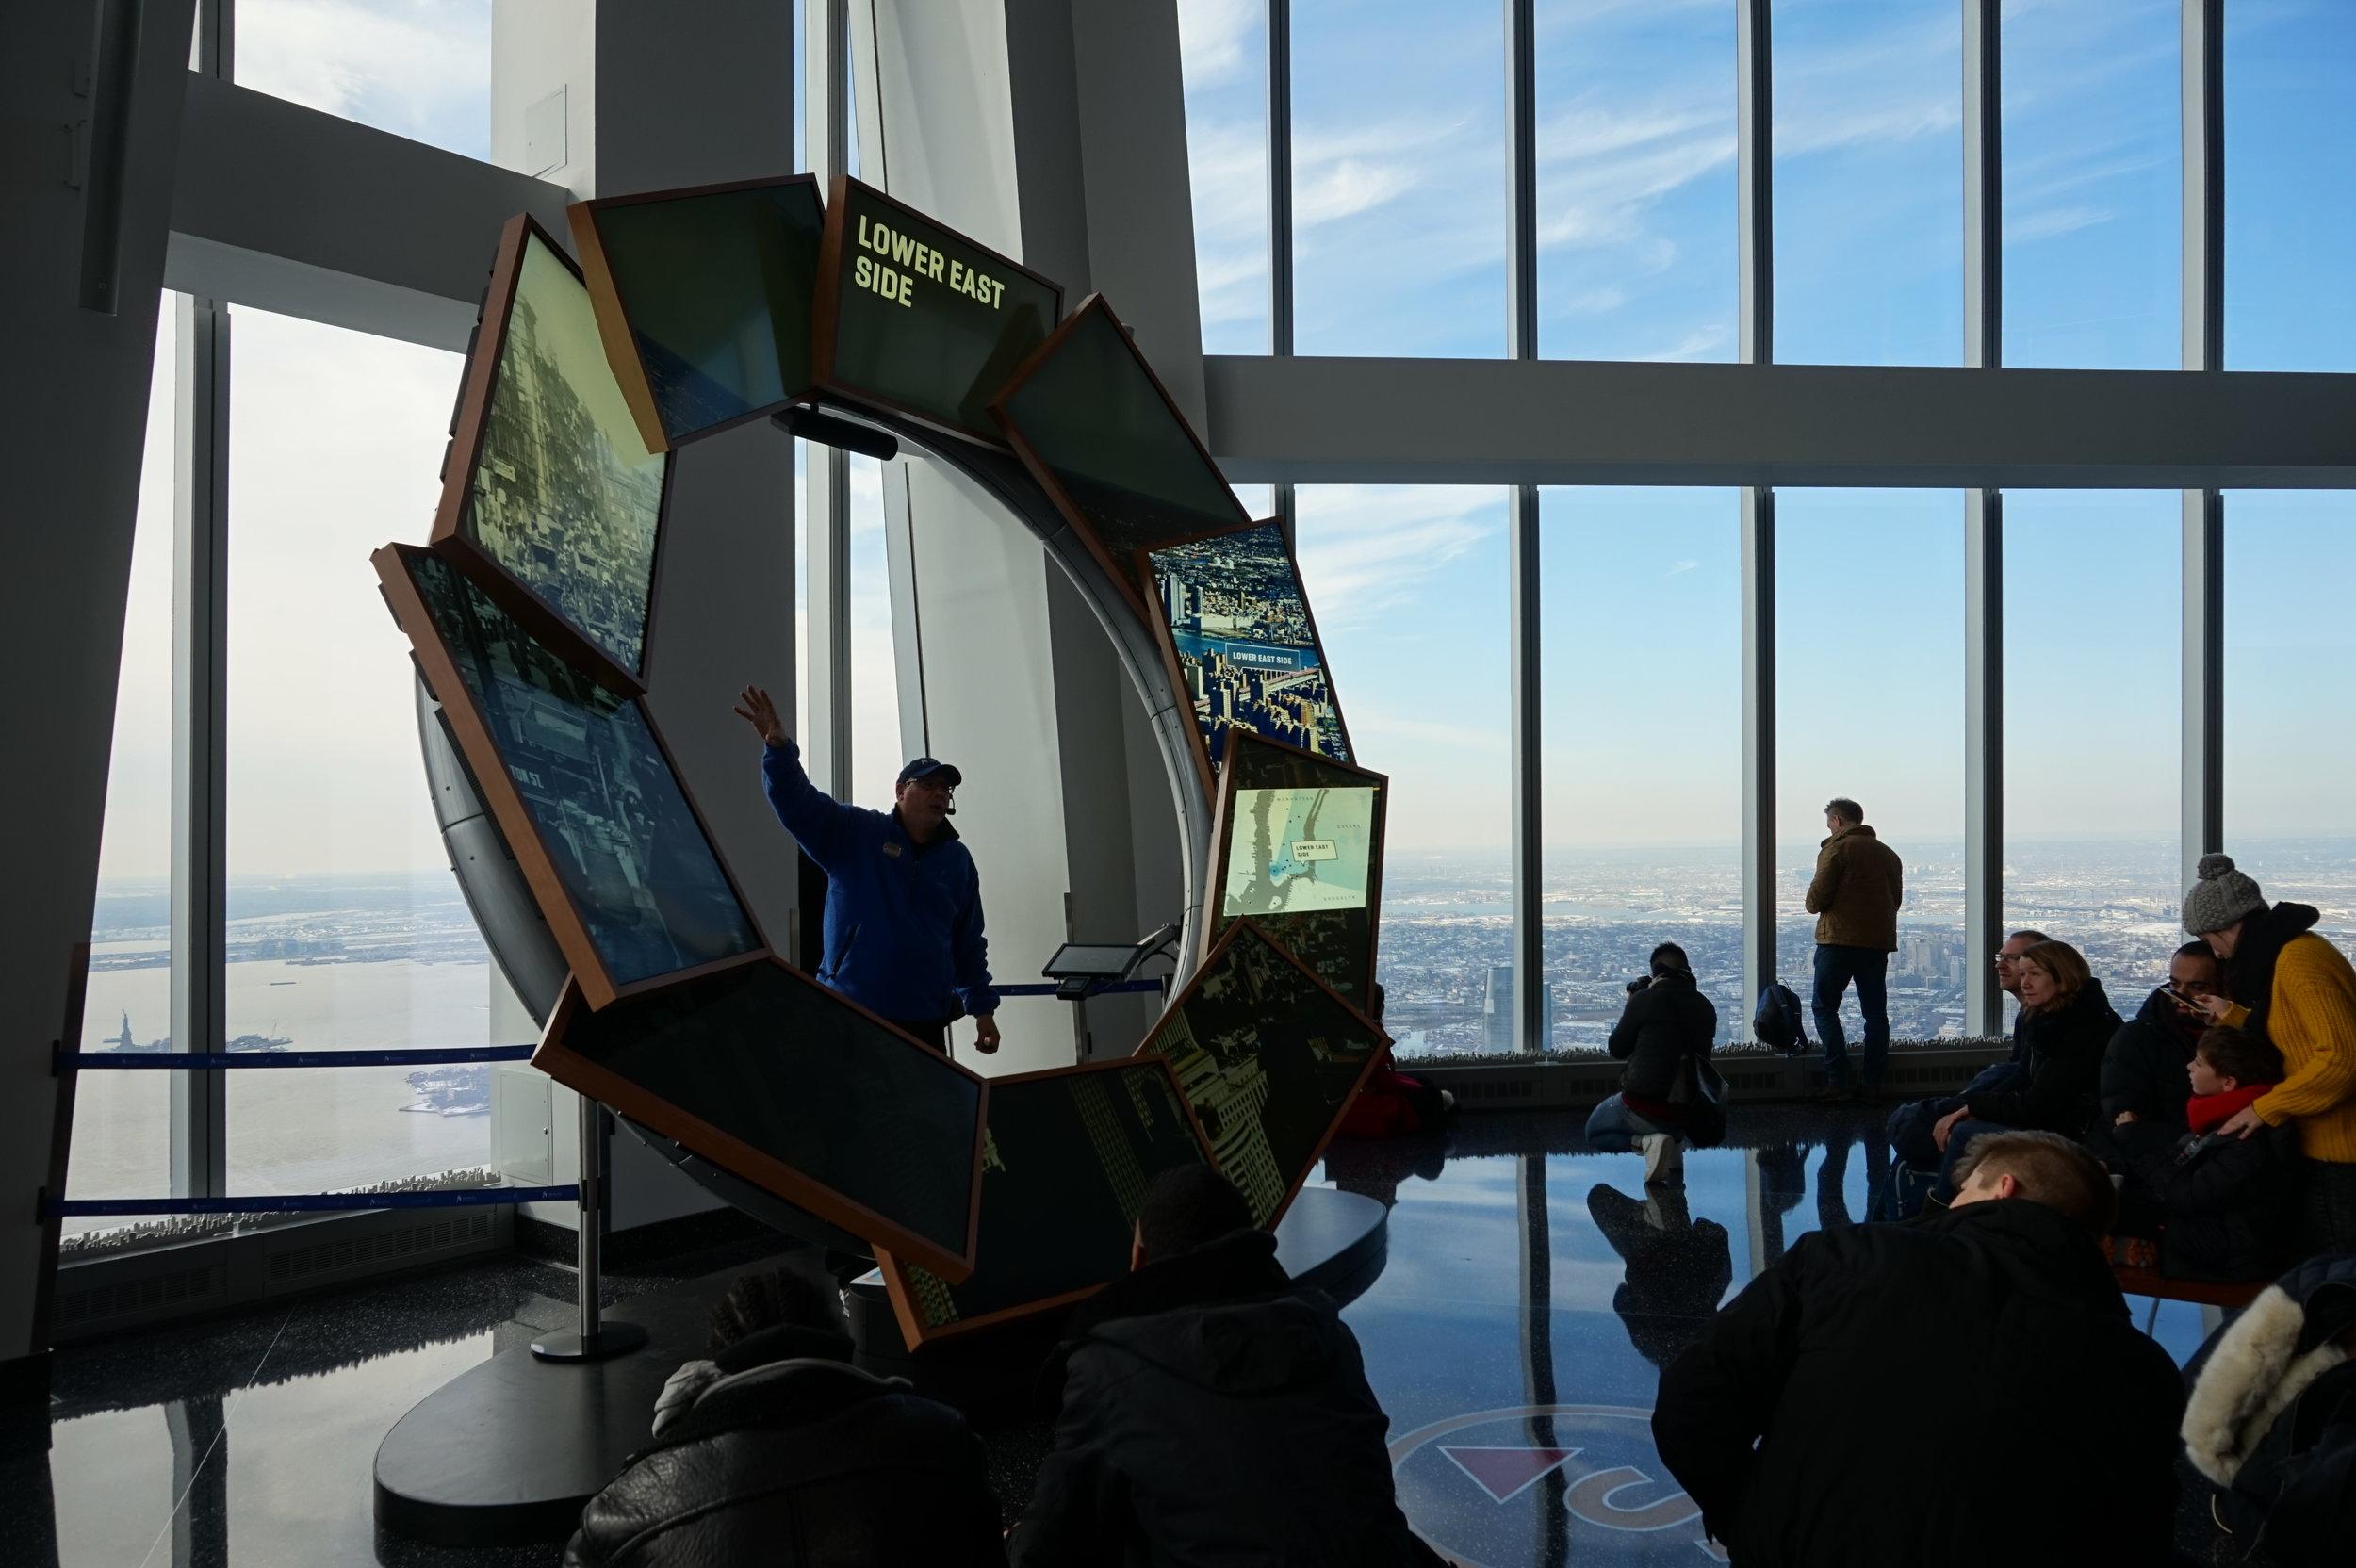 One-World-Trade-Center-Exhibit